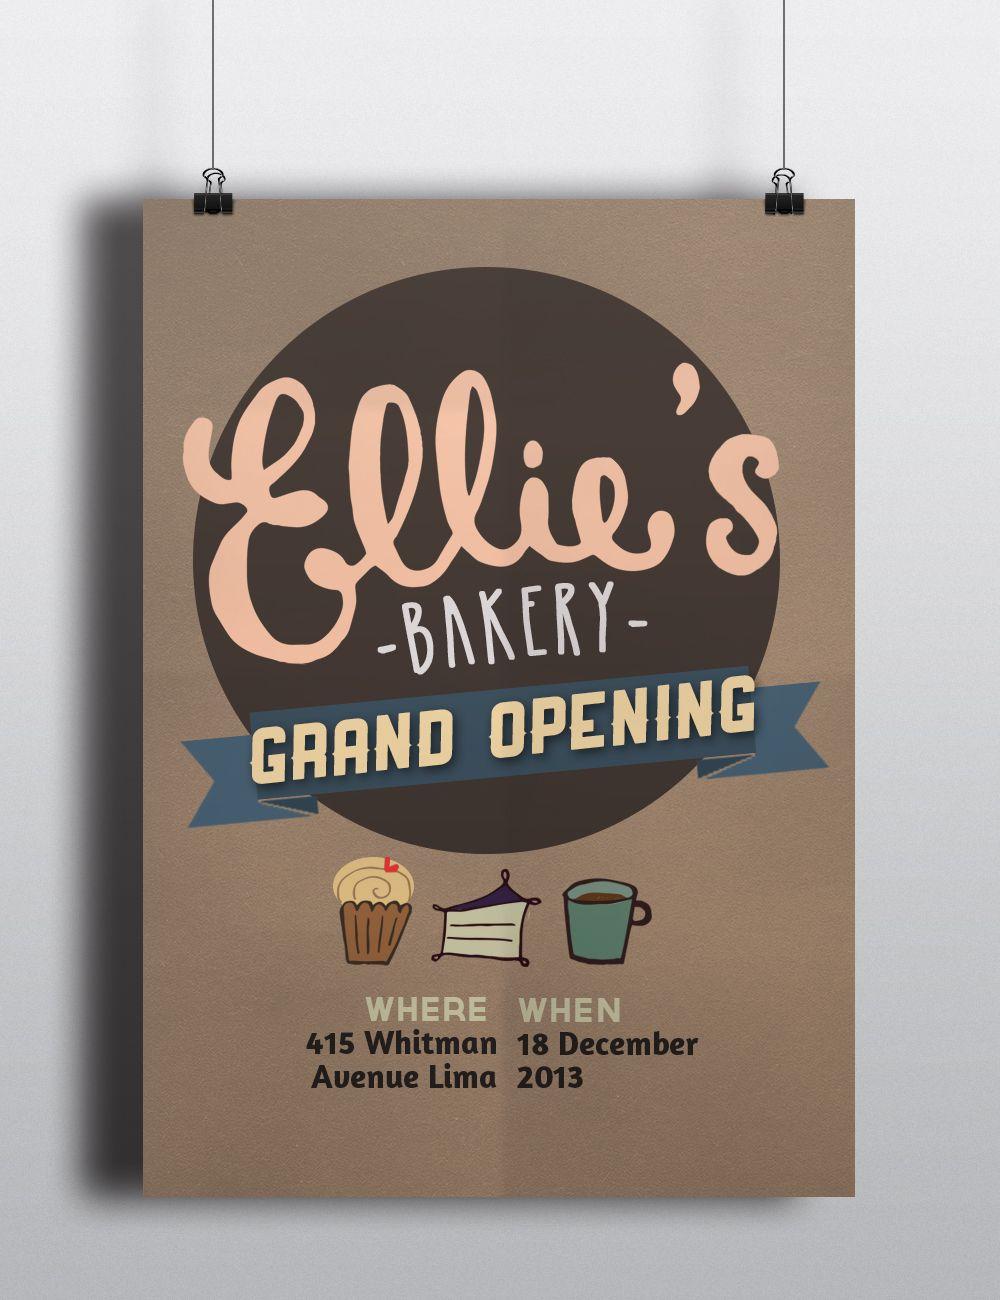 Zara poster design - Ellie S Bakery Grand Opening Poster